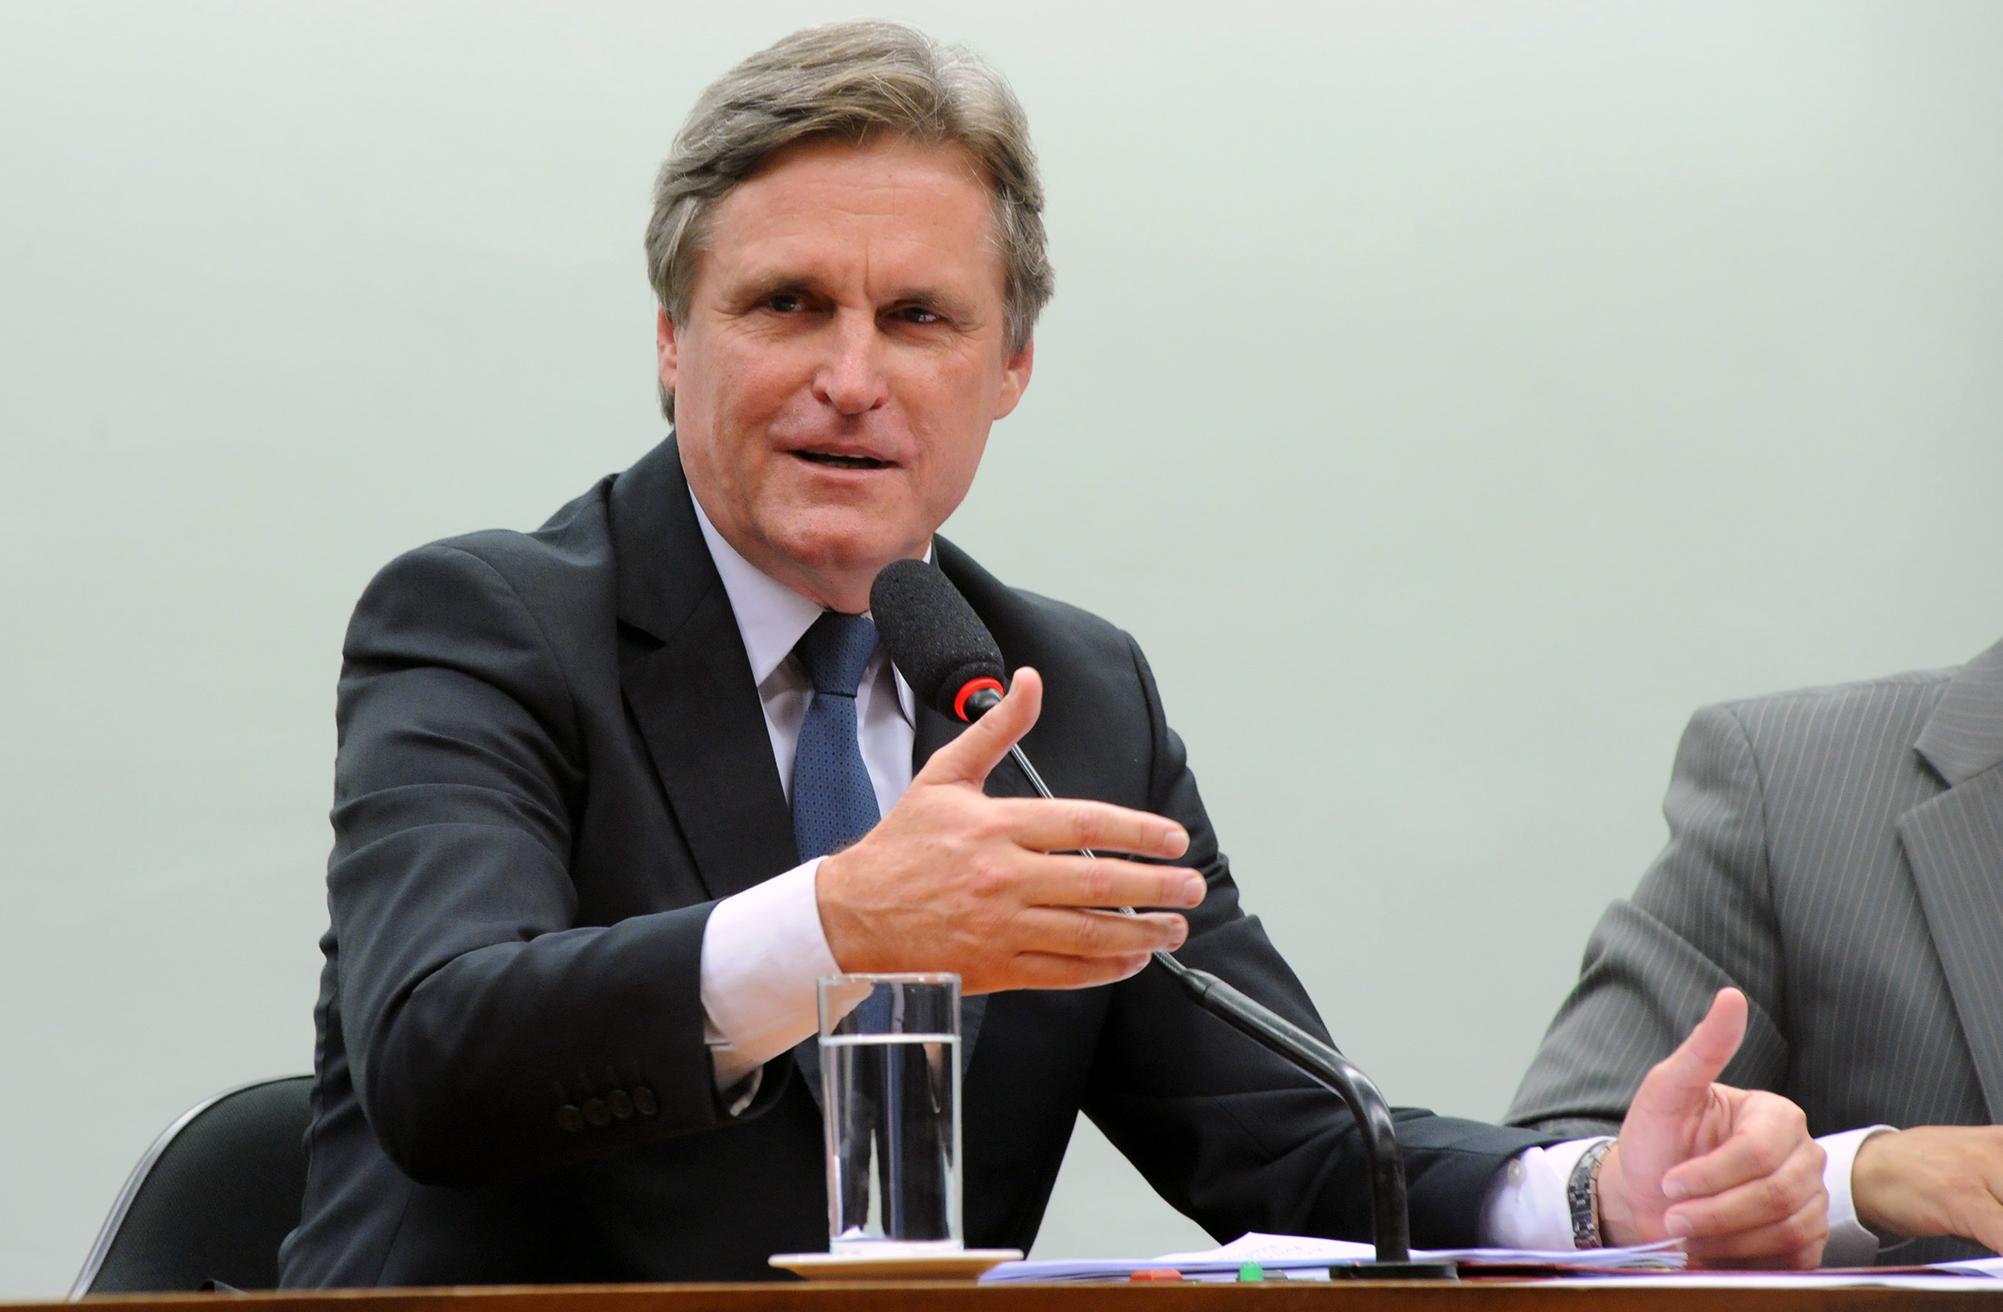 Eleição para presidente e vice-presidente da comissão. Presidente eleito sen. Dário Berger